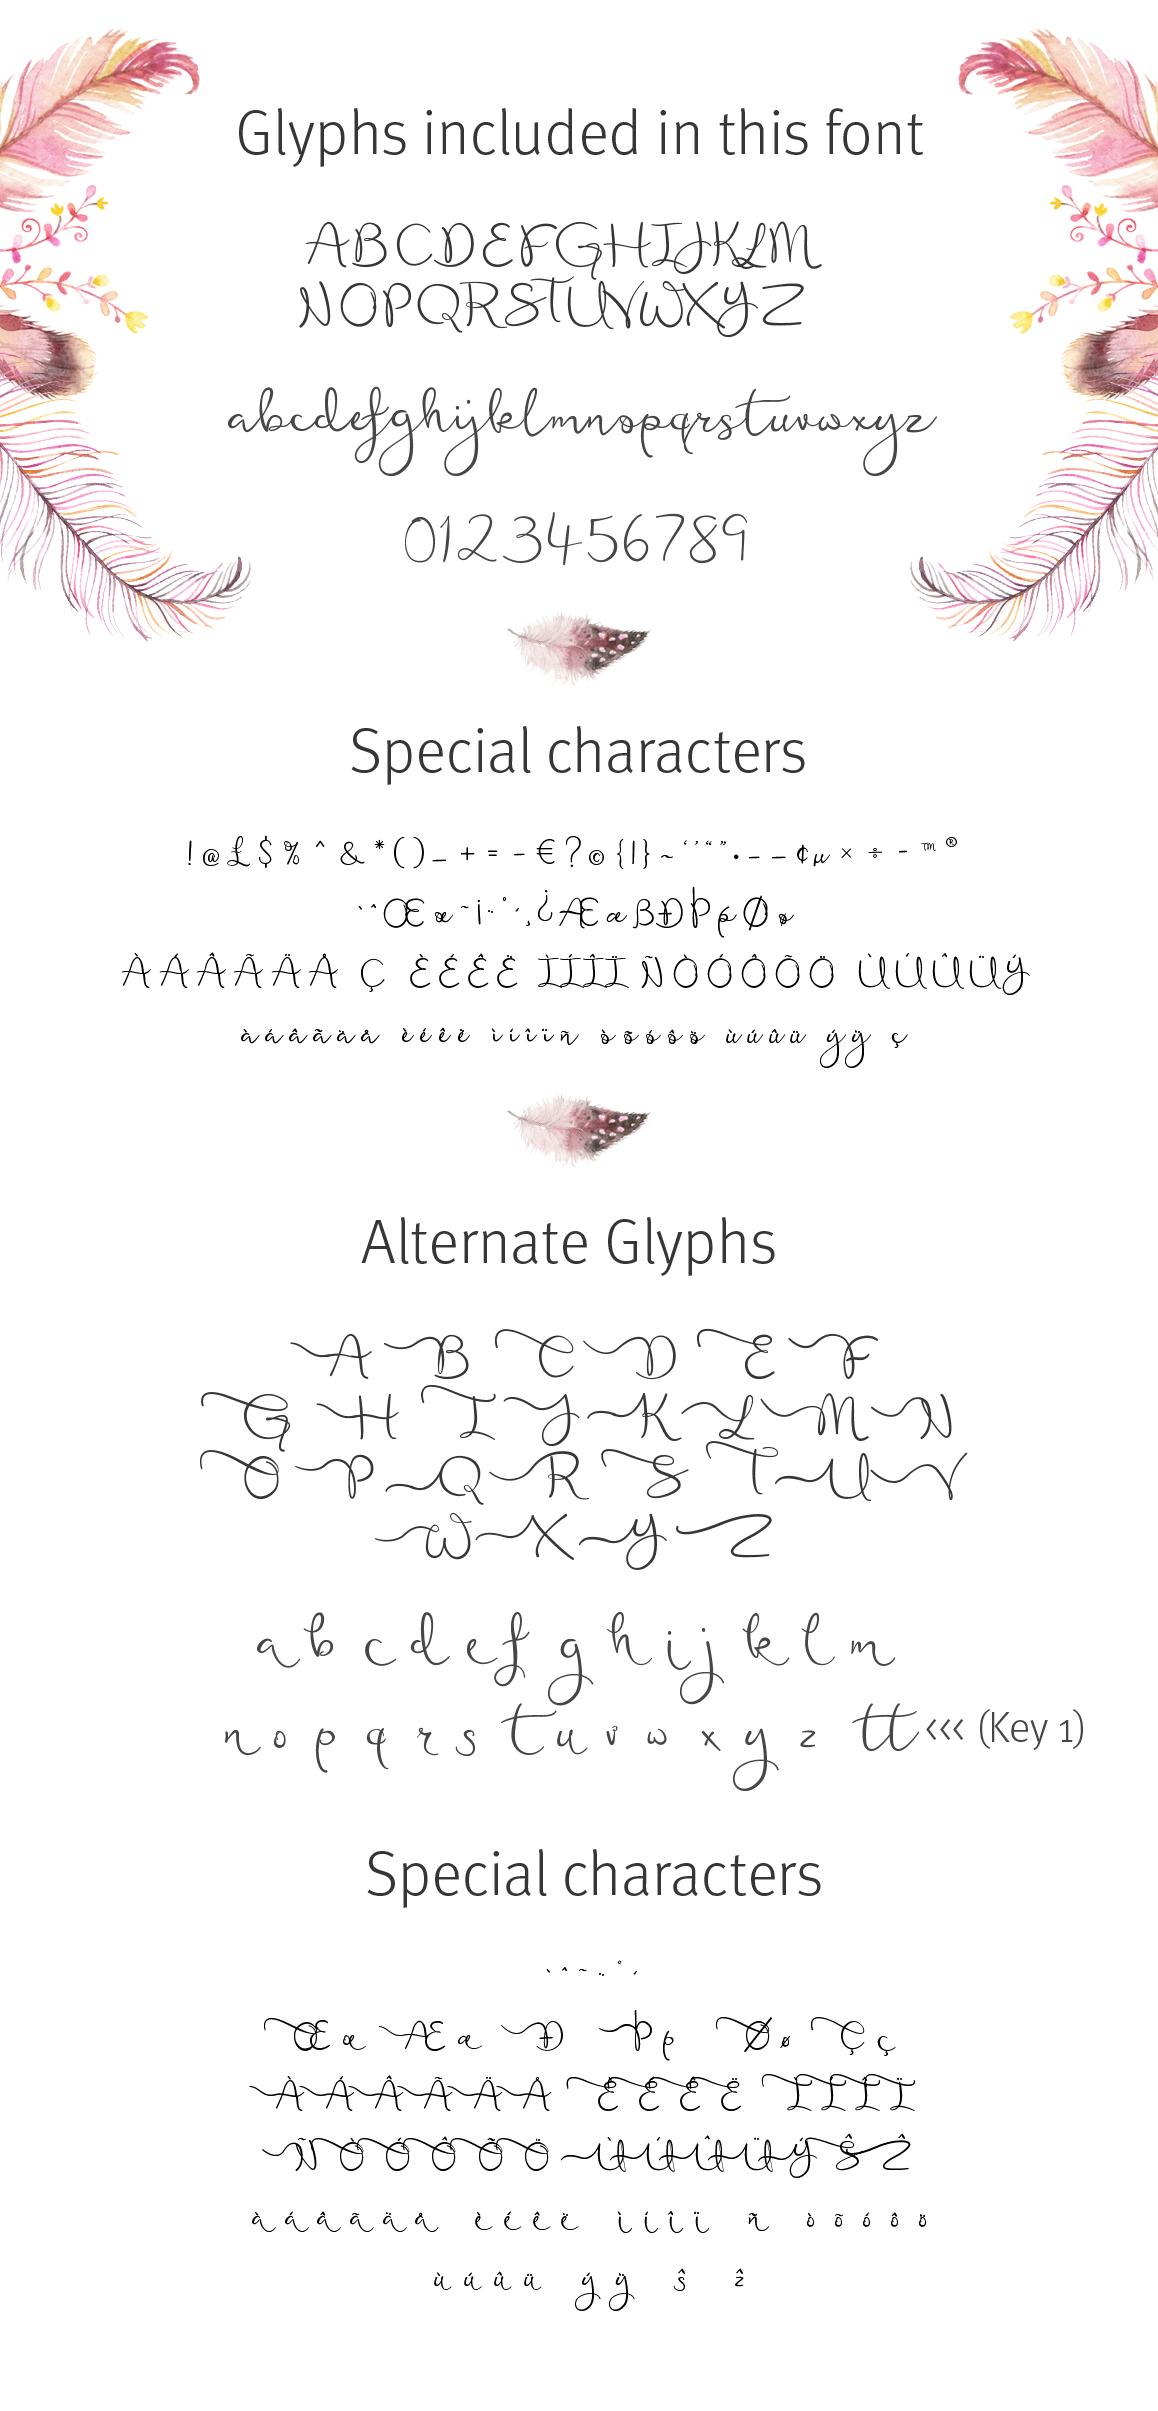 Featherly Bold Font - wedding font example image 3